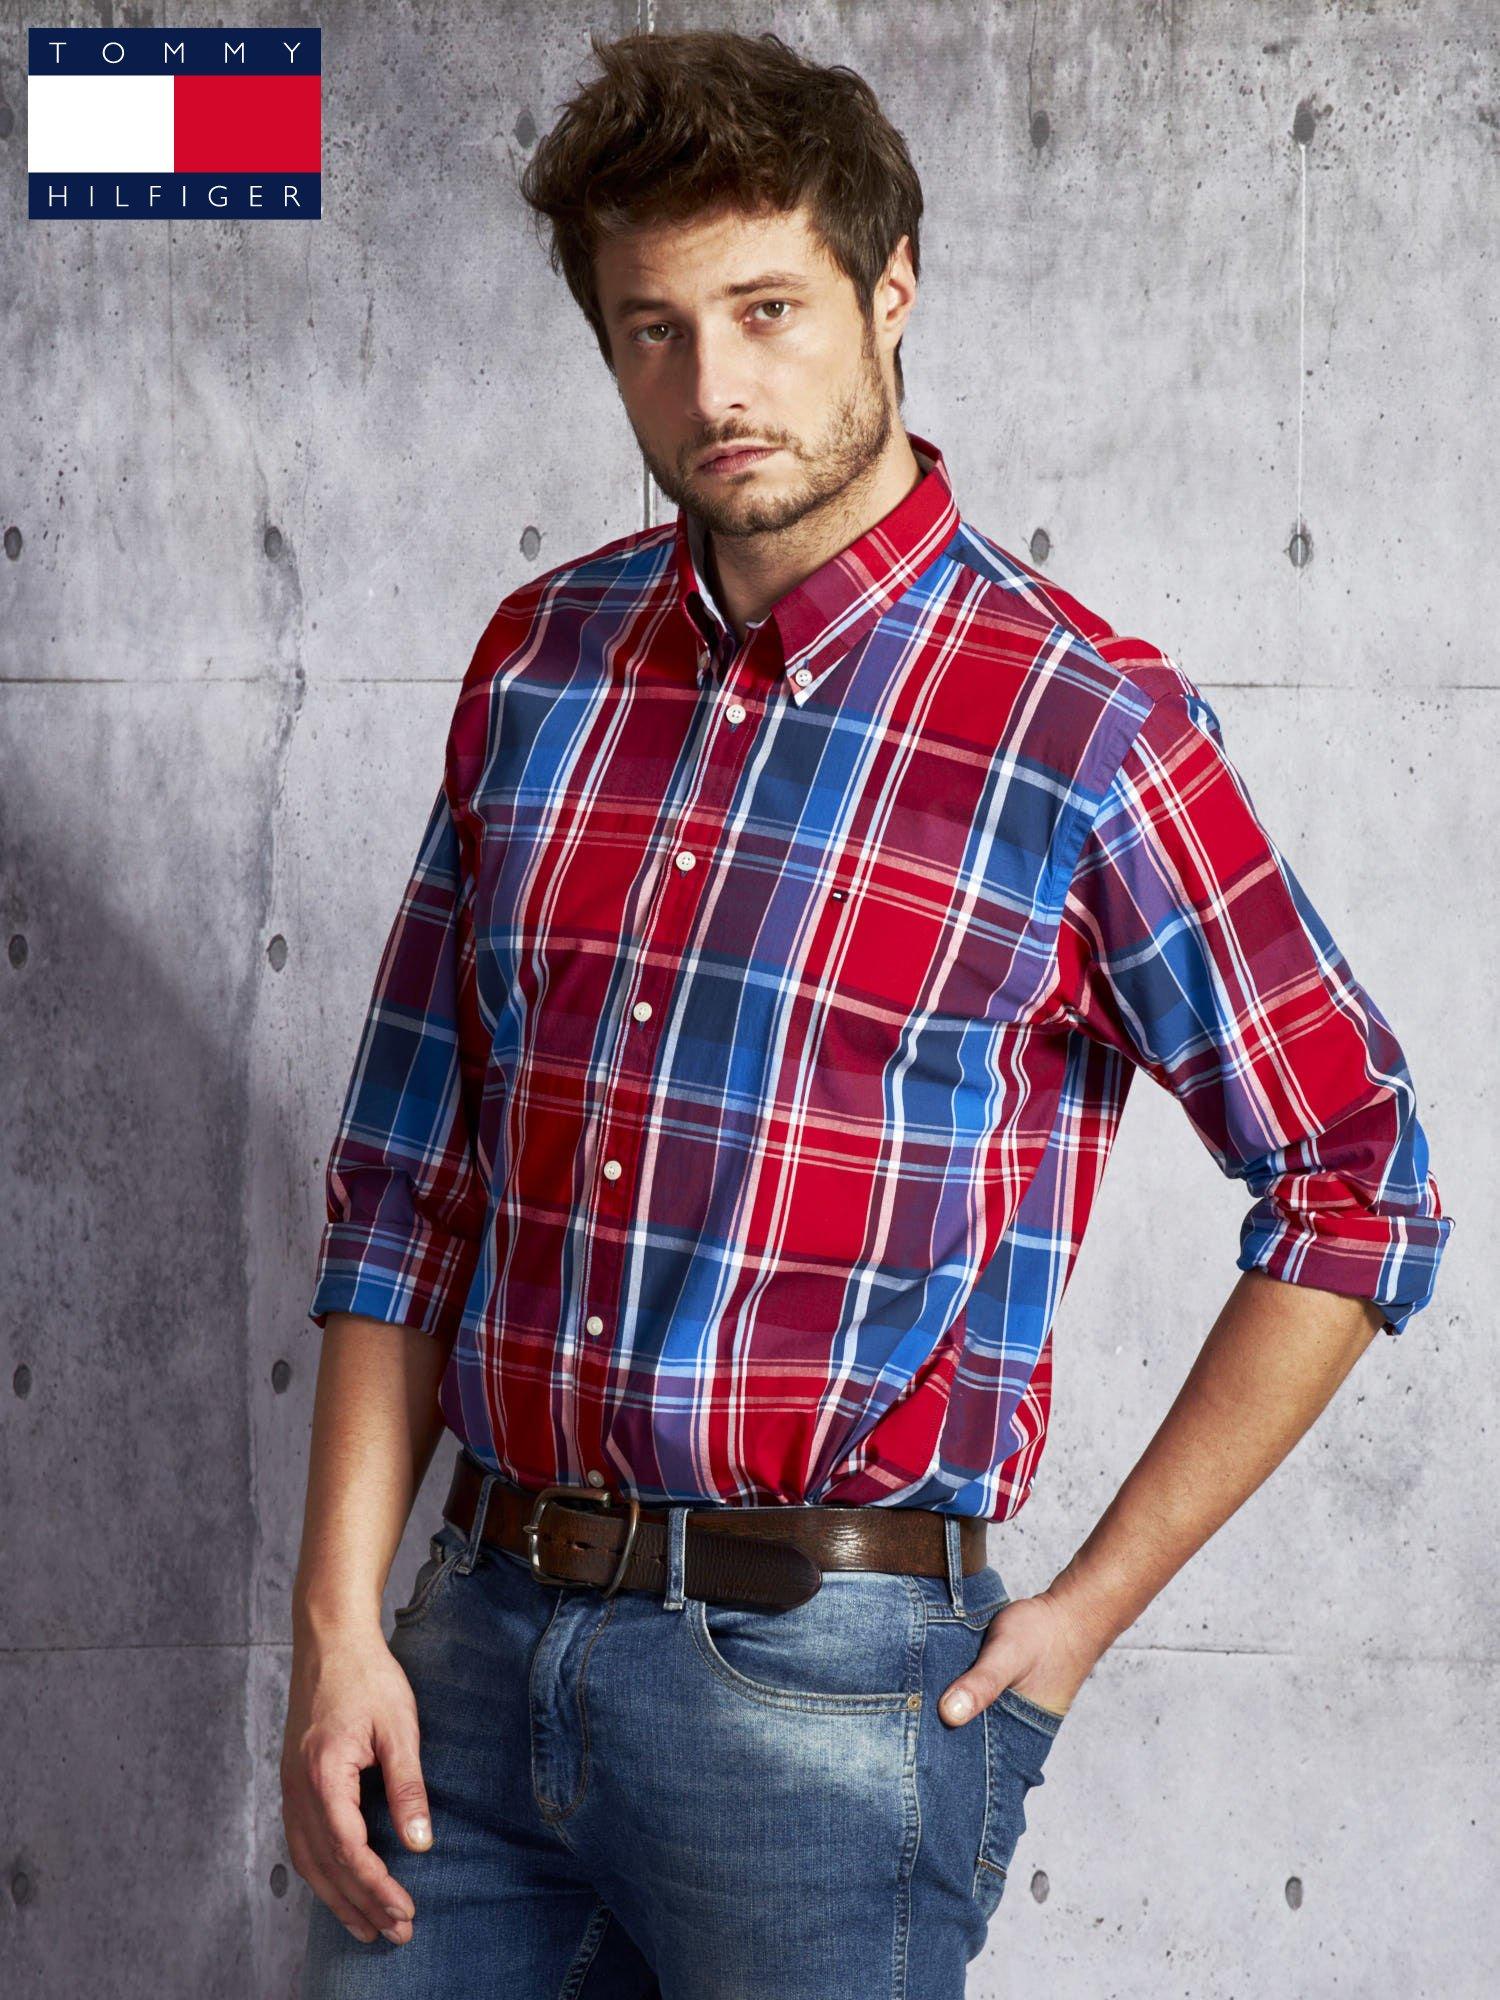 5a0c81b42 TOMMY HILFIGER Czerwona koszula męska w kratę - Mężczyźni koszula ...